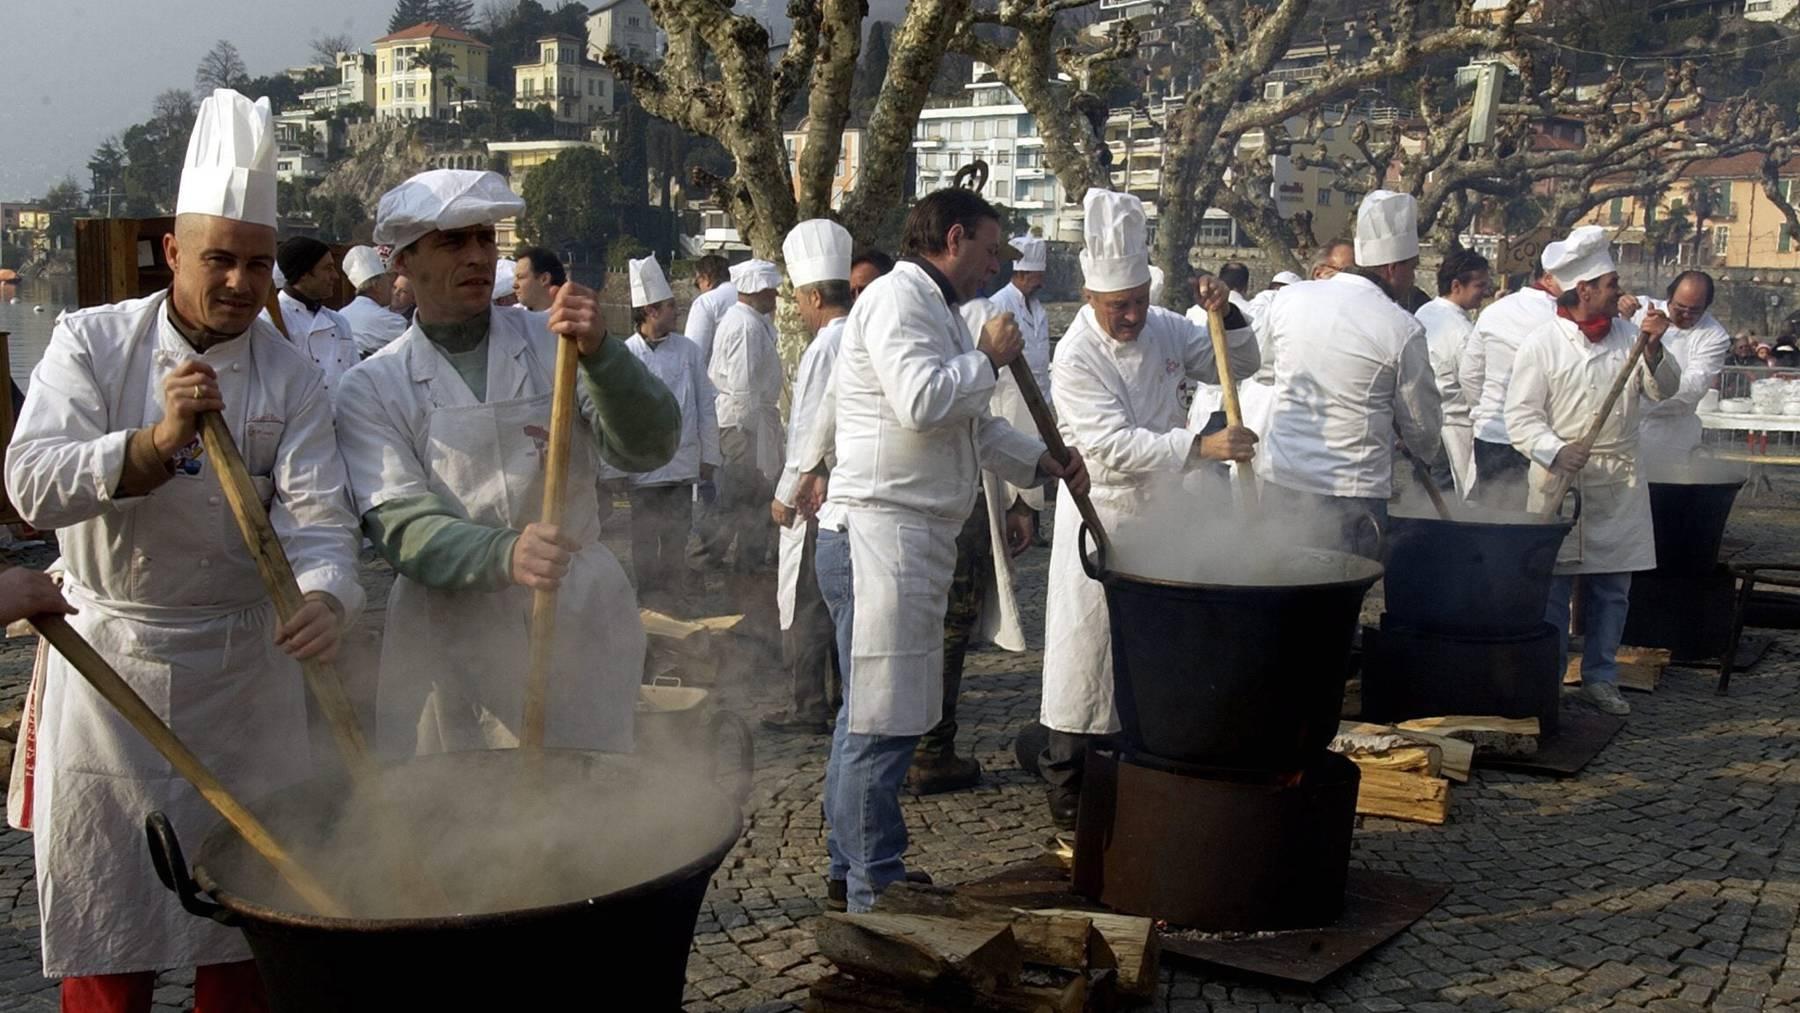 Die Tessiner Fasnächtler müssen 2021 auf Umzüge verzichten und sich mit den traditionellen «Risottate» begnügen, wie hier in Ascona.